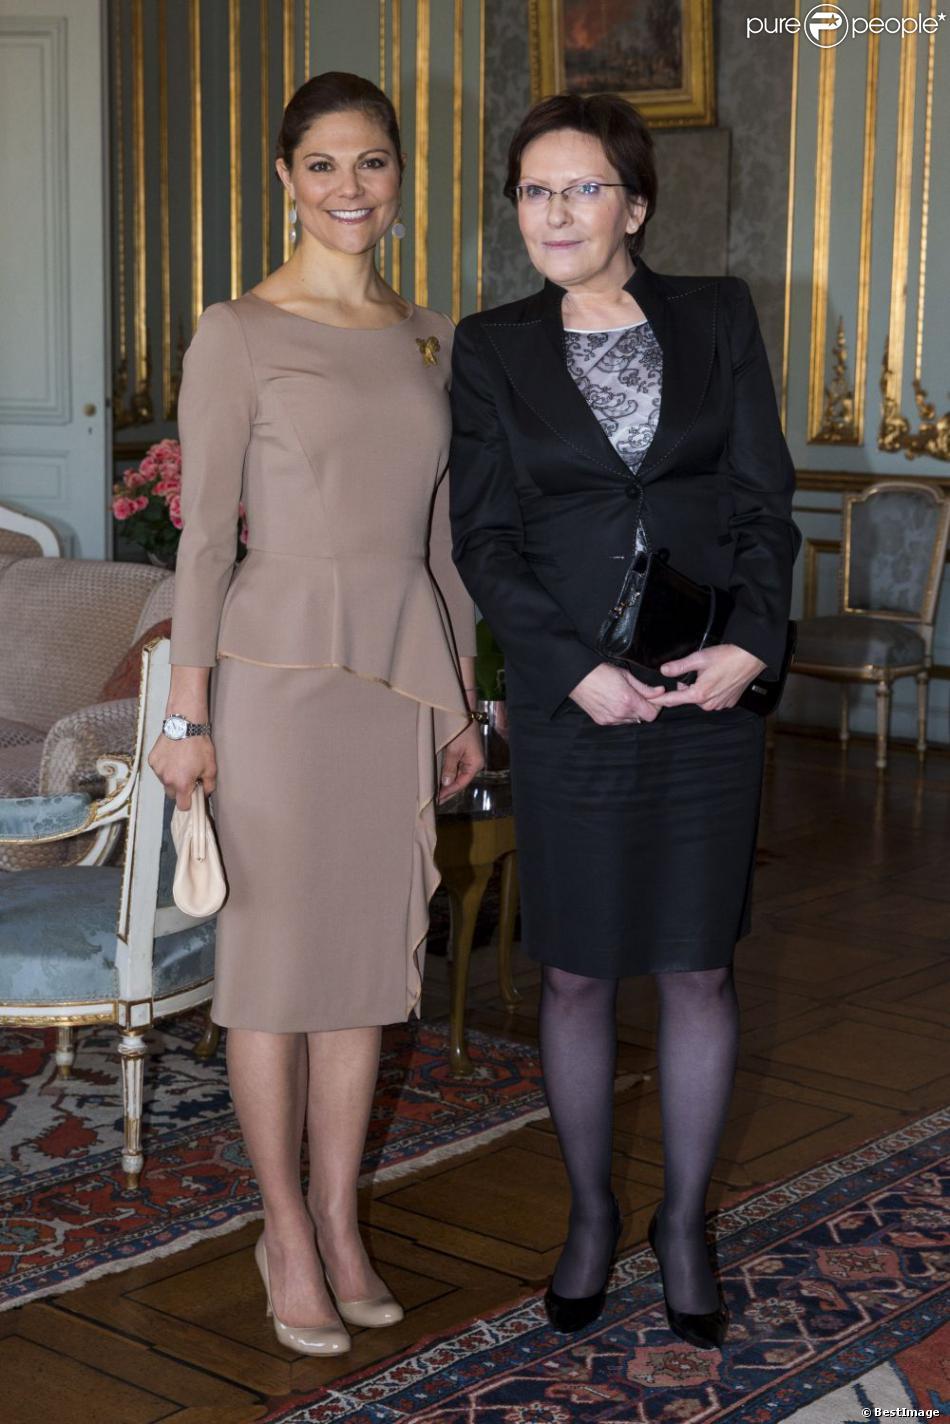 La princesse Victoria de Suede recevait le 13 novembre 2012 Ewa Kopacz, présidente de la Diète polonaise (chambre basse du Parlement), au palais royal Drottningholm à Stockholm.